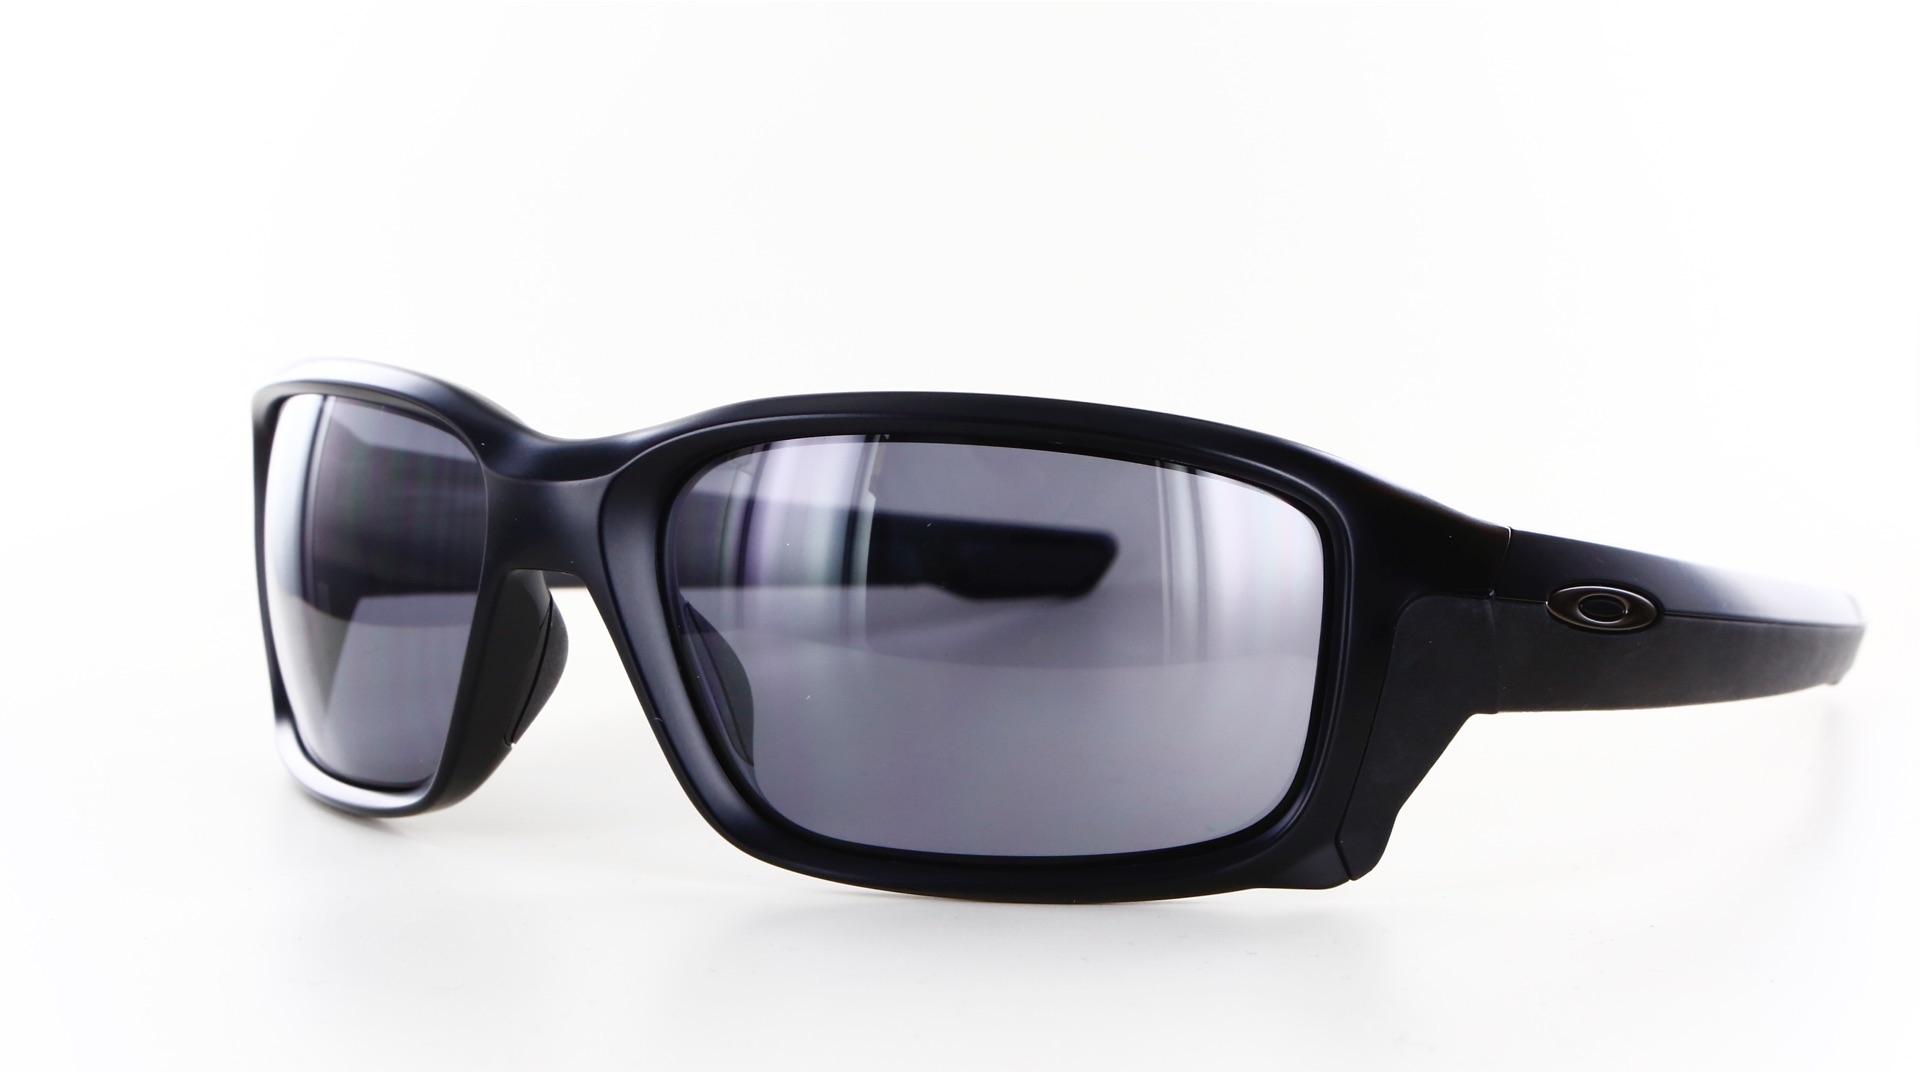 Oakley - ref: 77160